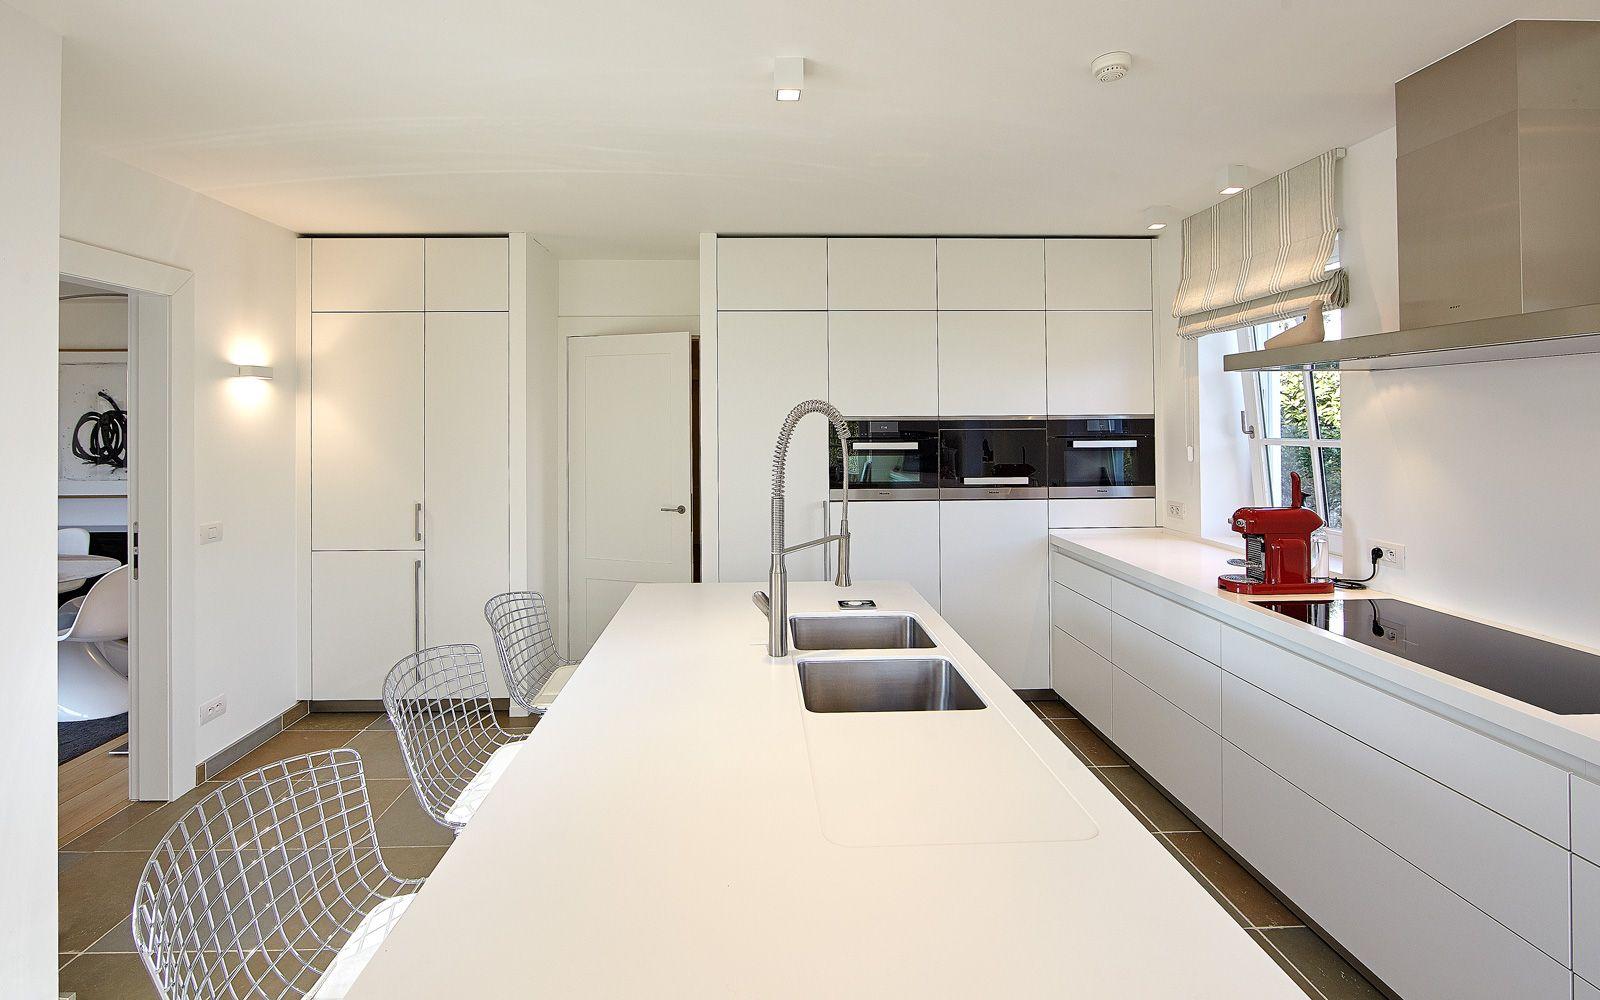 Modern white kitchen architect hc demyttenaere villa white